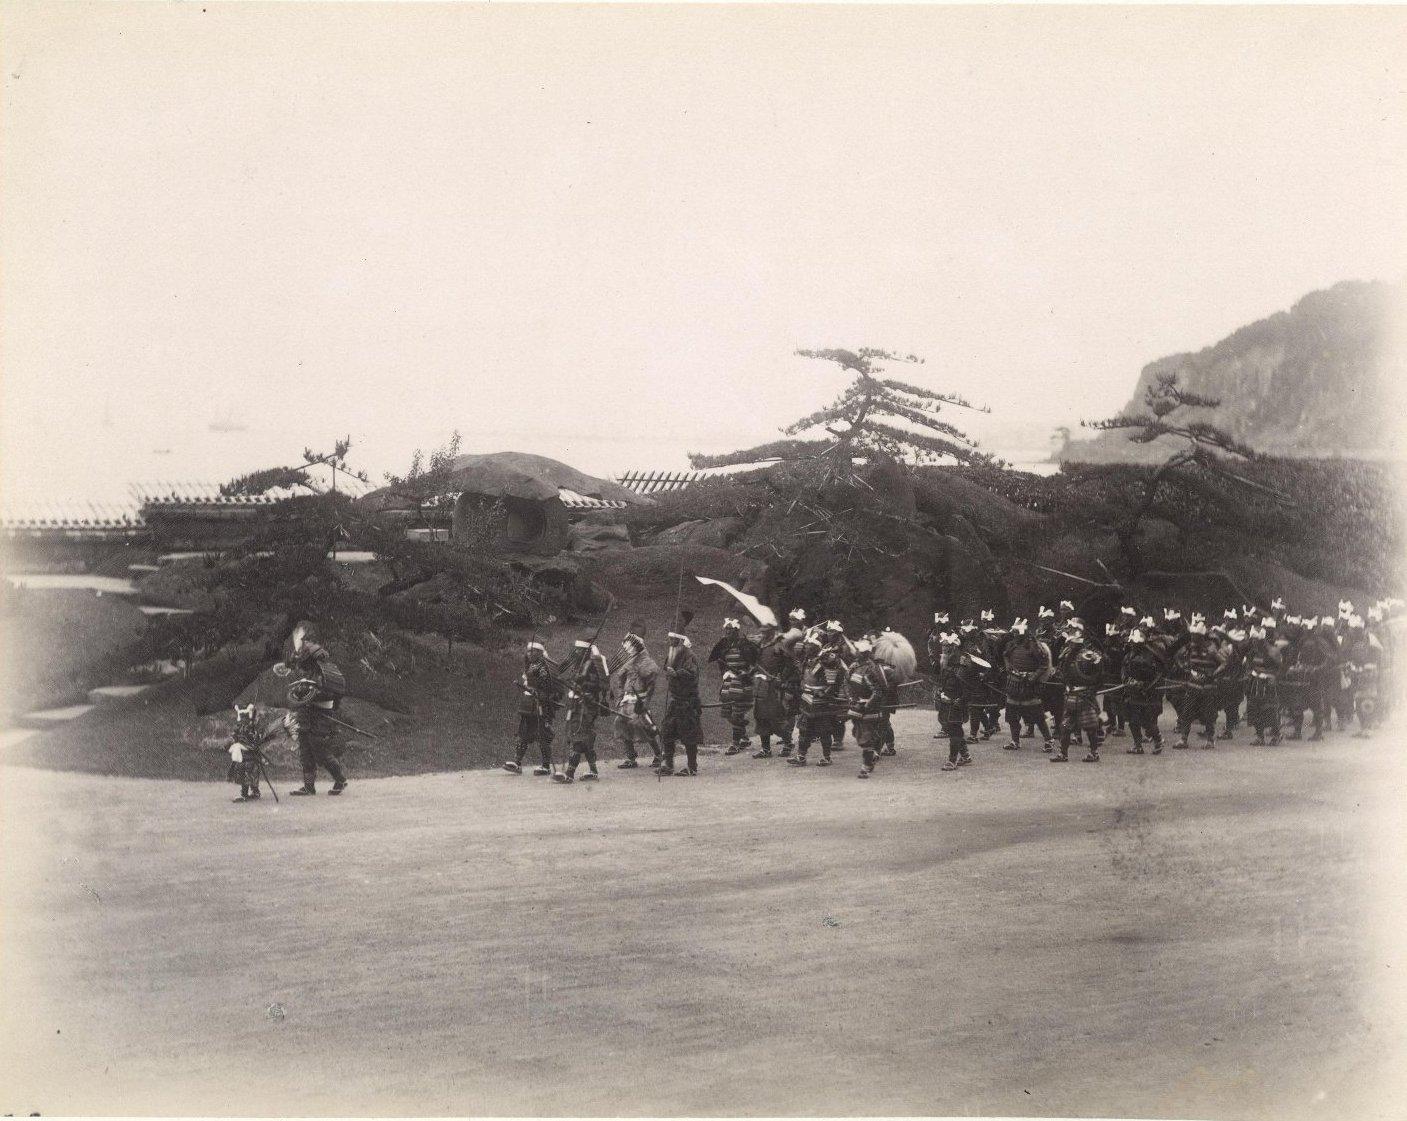 10. 1891. Кагосима. Торжественный парад самураев во время визита цесаревича Николая Александровича